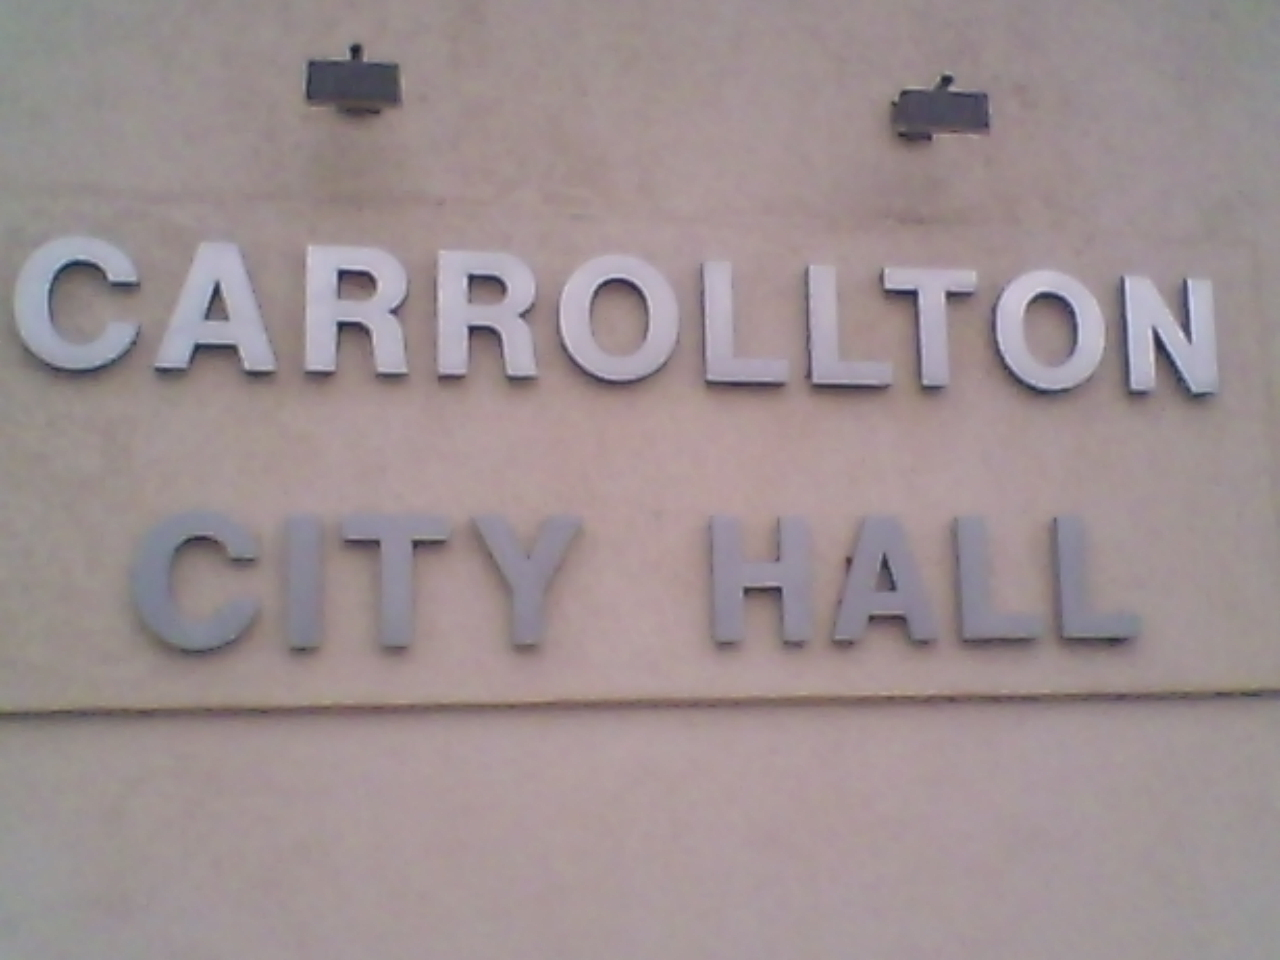 Town Hall meeting regarding new aquatic center headlines Carrollton City Council meeting Monday